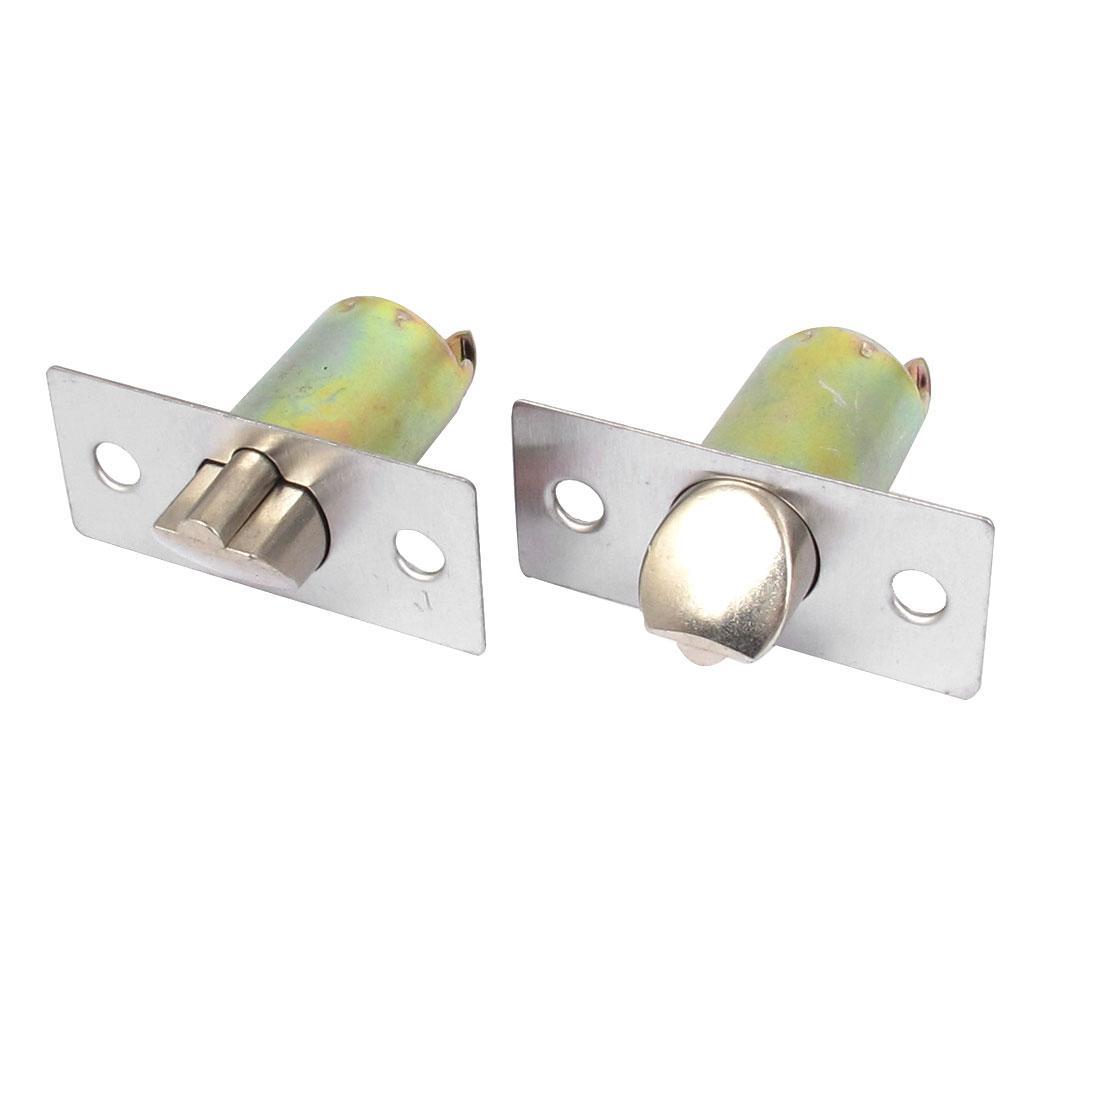 Home Office Security Metal Cylinder Shape Spring Loaded Door Lock Bolt 2pcs